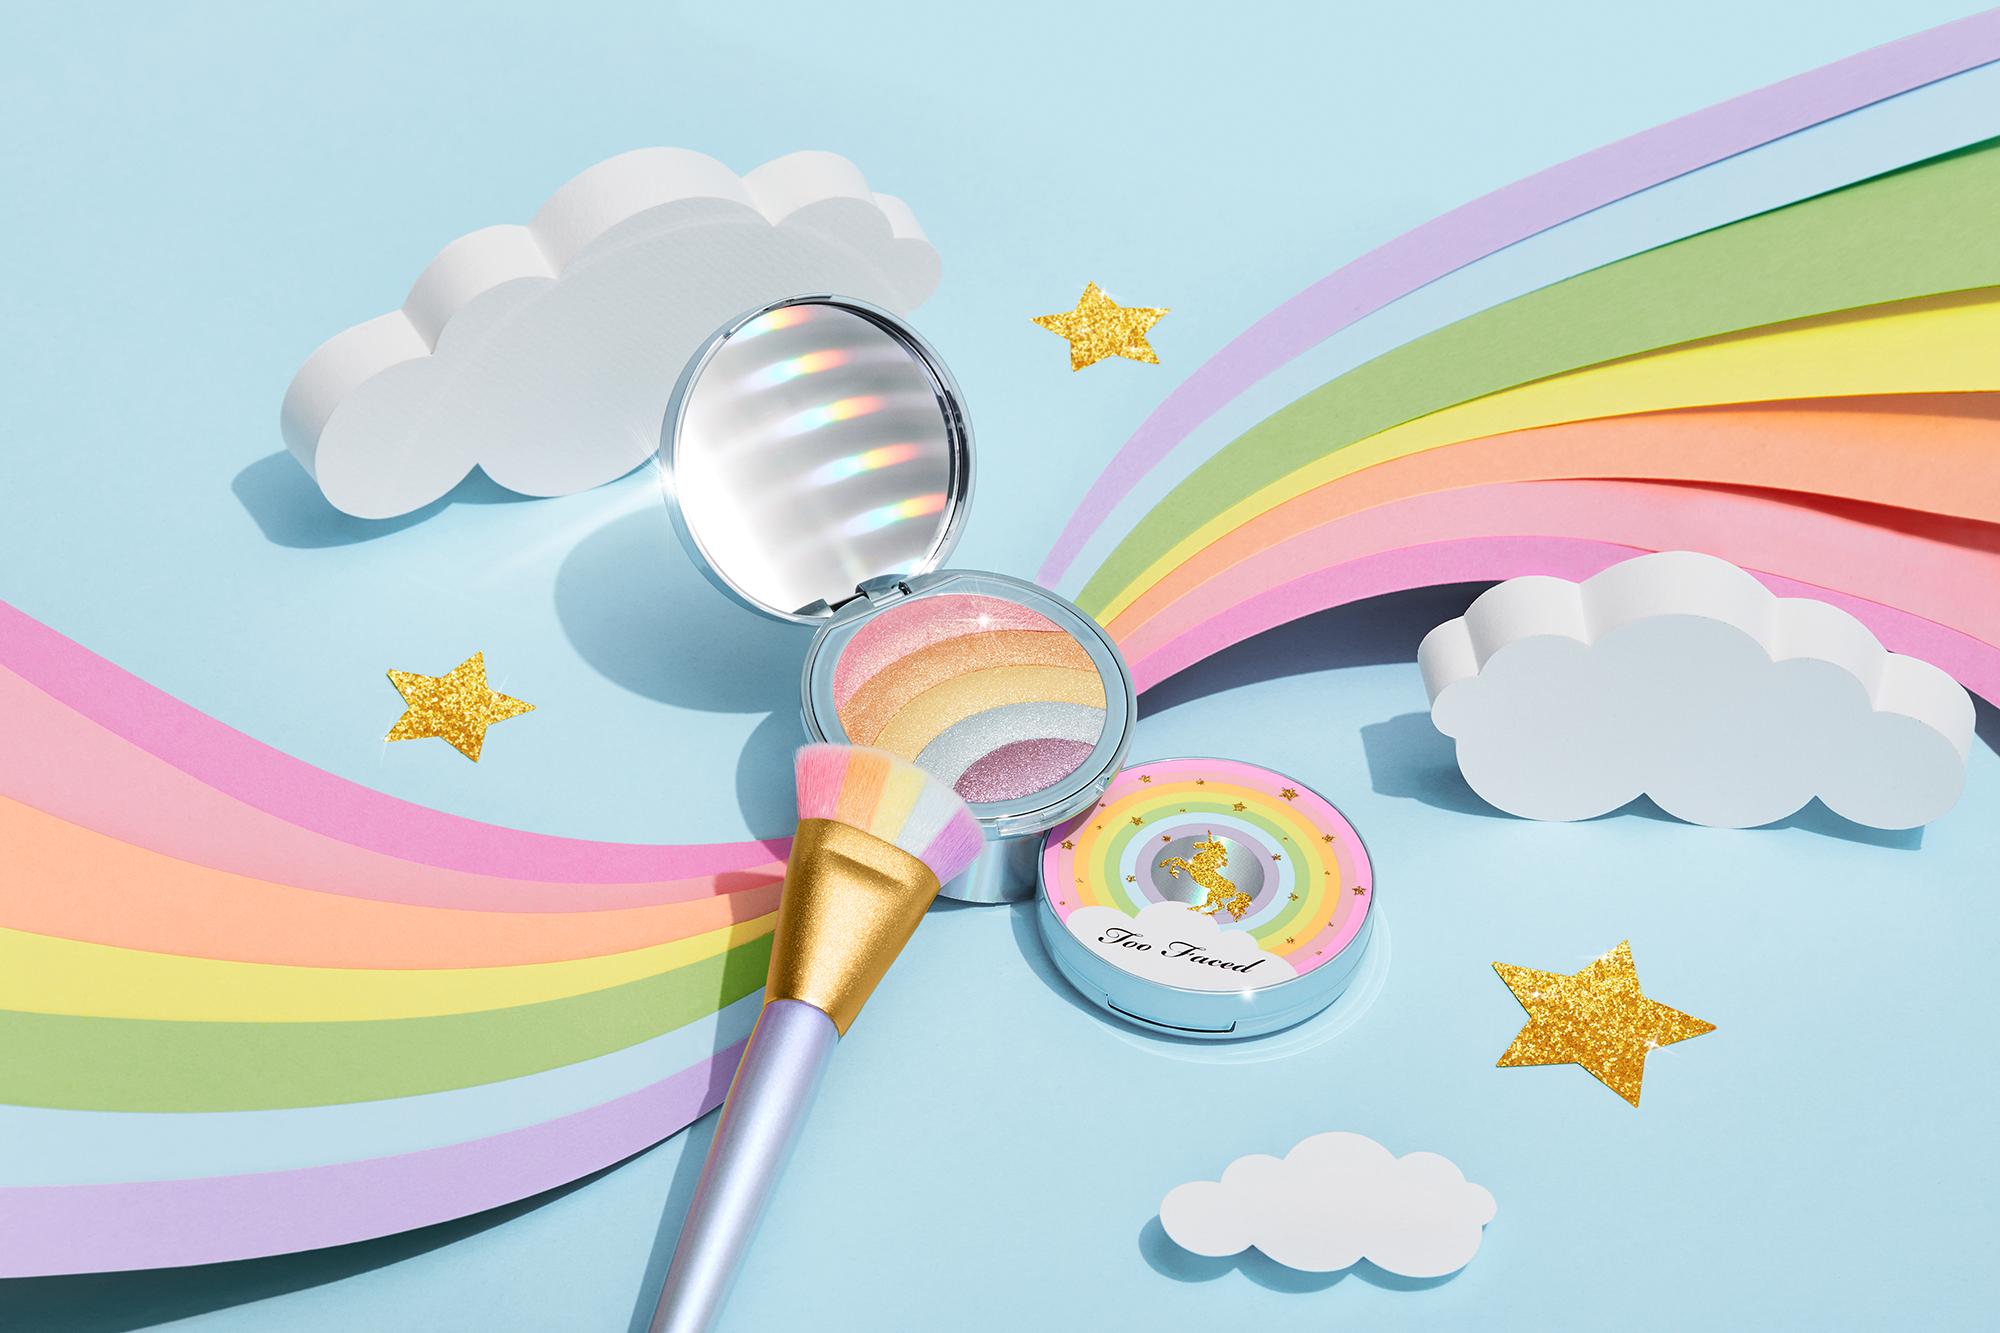 WEB_LifesAFestival_RainbowSrtobe_Stylized.png